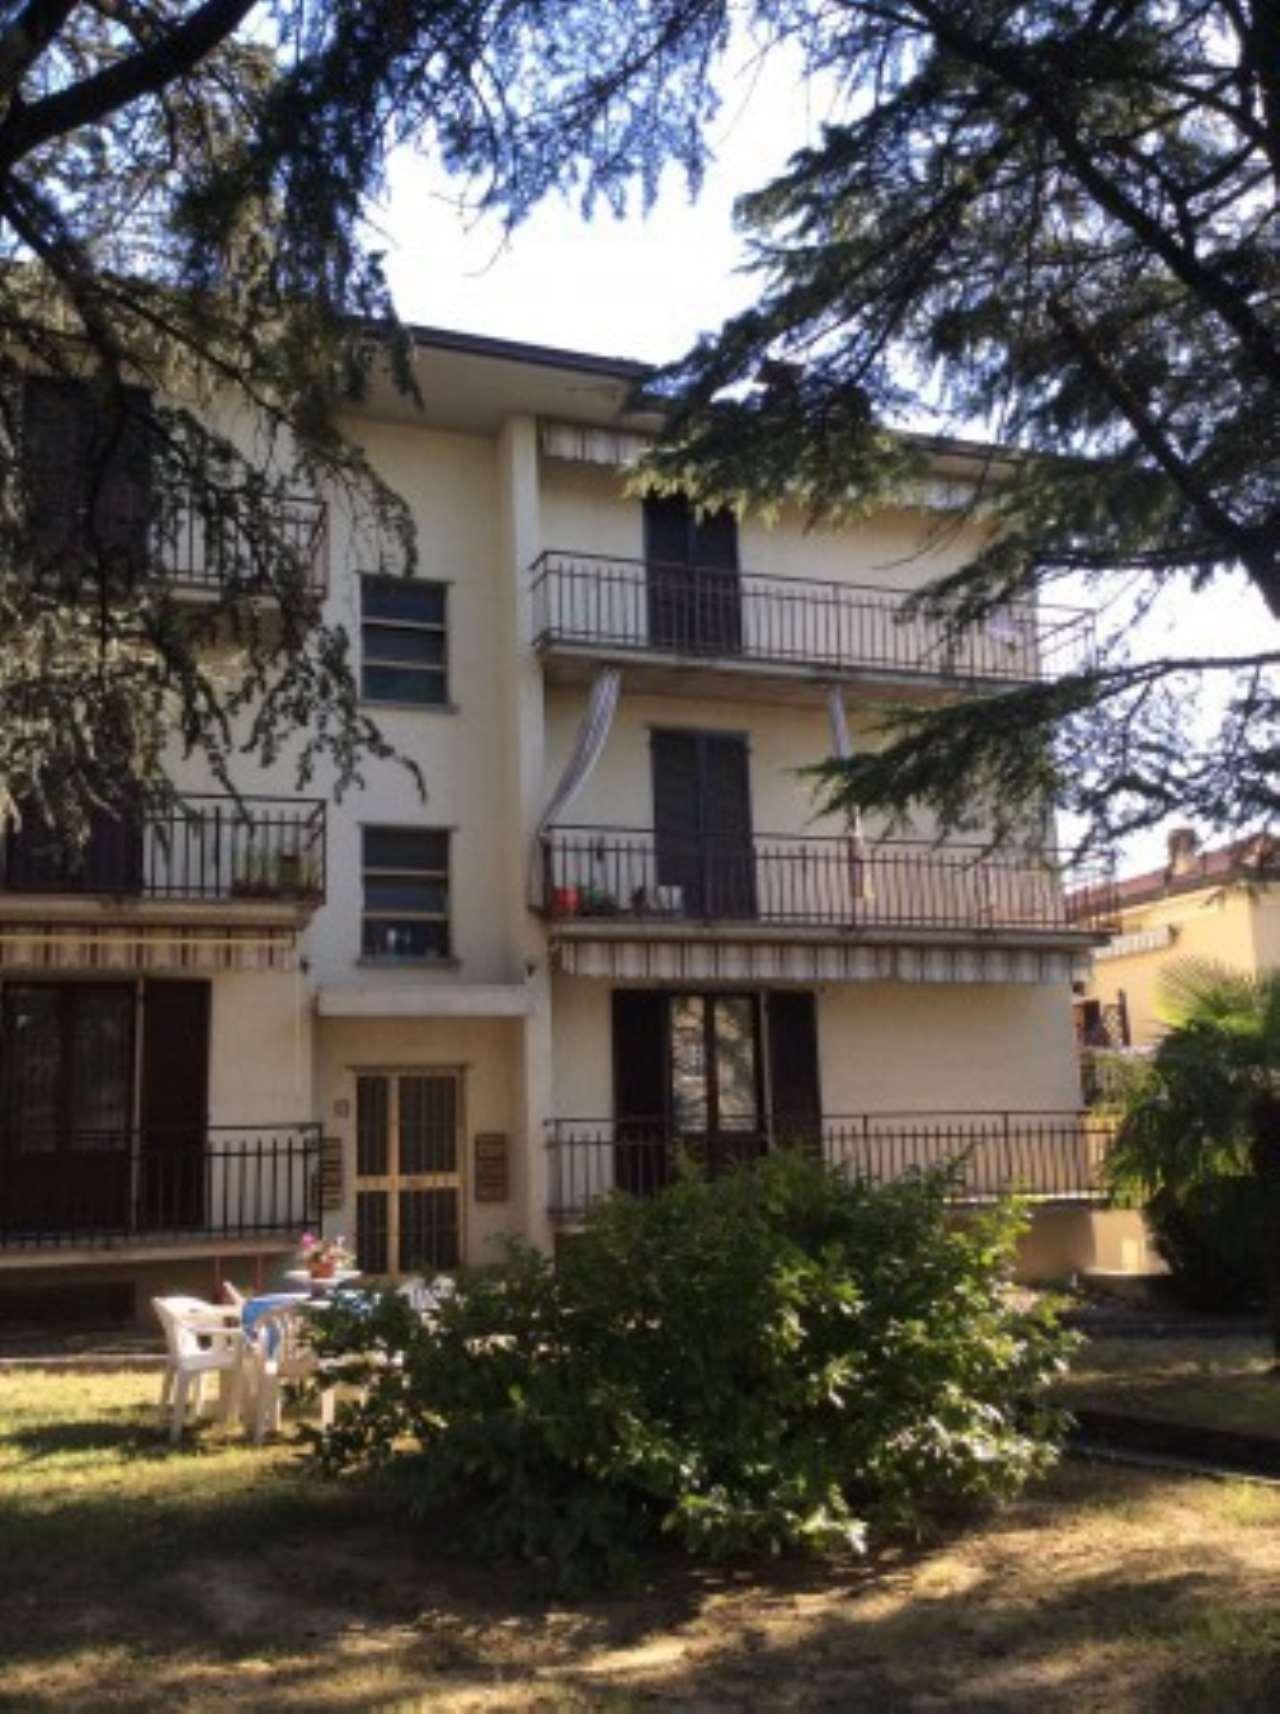 Appartamento in vendita a Lugagnano Val D'Arda, 3 locali, prezzo € 50.000 | CambioCasa.it